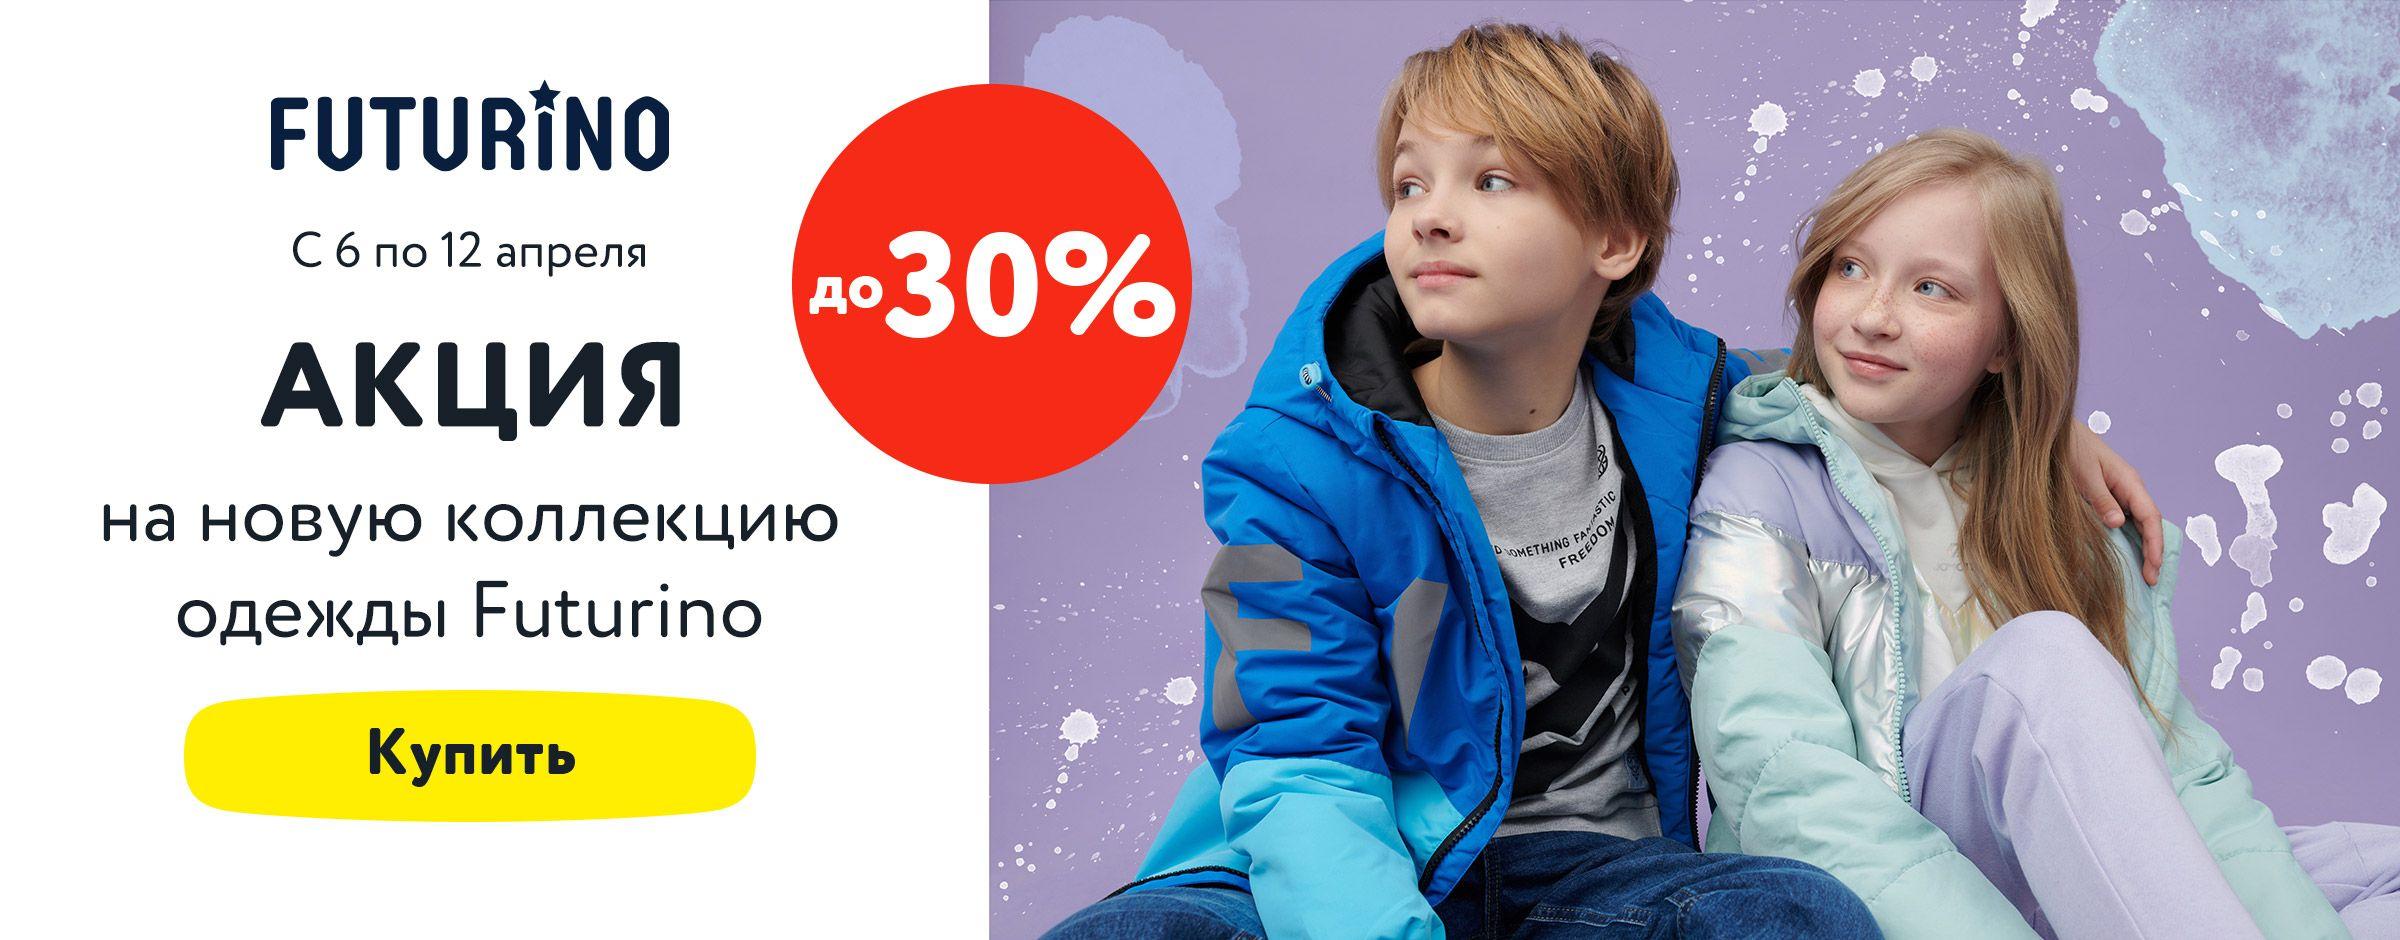 До 30% на весенние новинки Futurino статика + категория